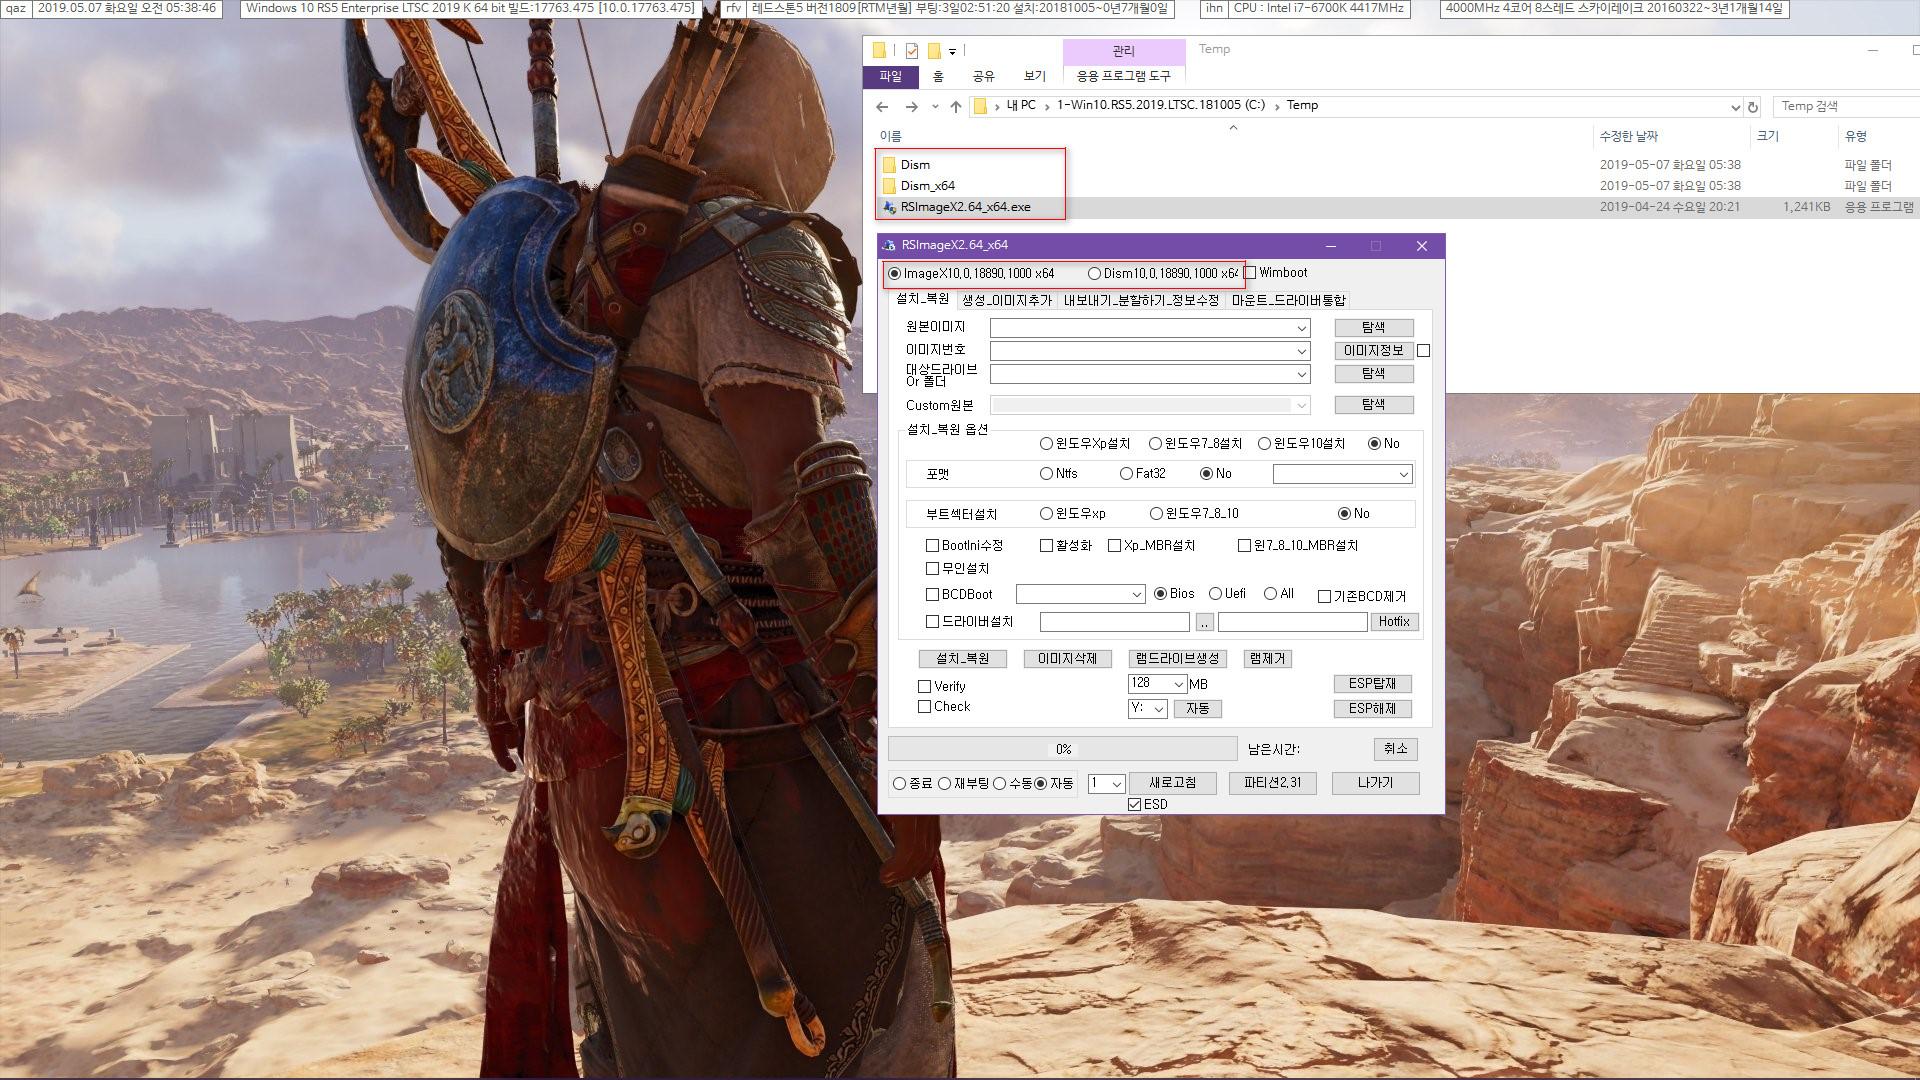 윈도10 20H1 인사이더 프리뷰 18890.1000 빌드 - DISM과 ImageX 나왔네요 2019-05-07_053846.jpg